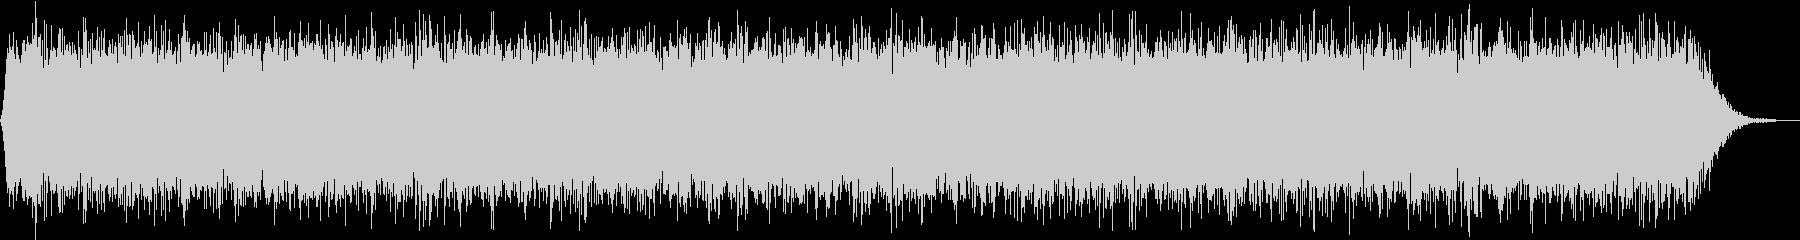 【アンビエント】ドローン_49 実験音の未再生の波形